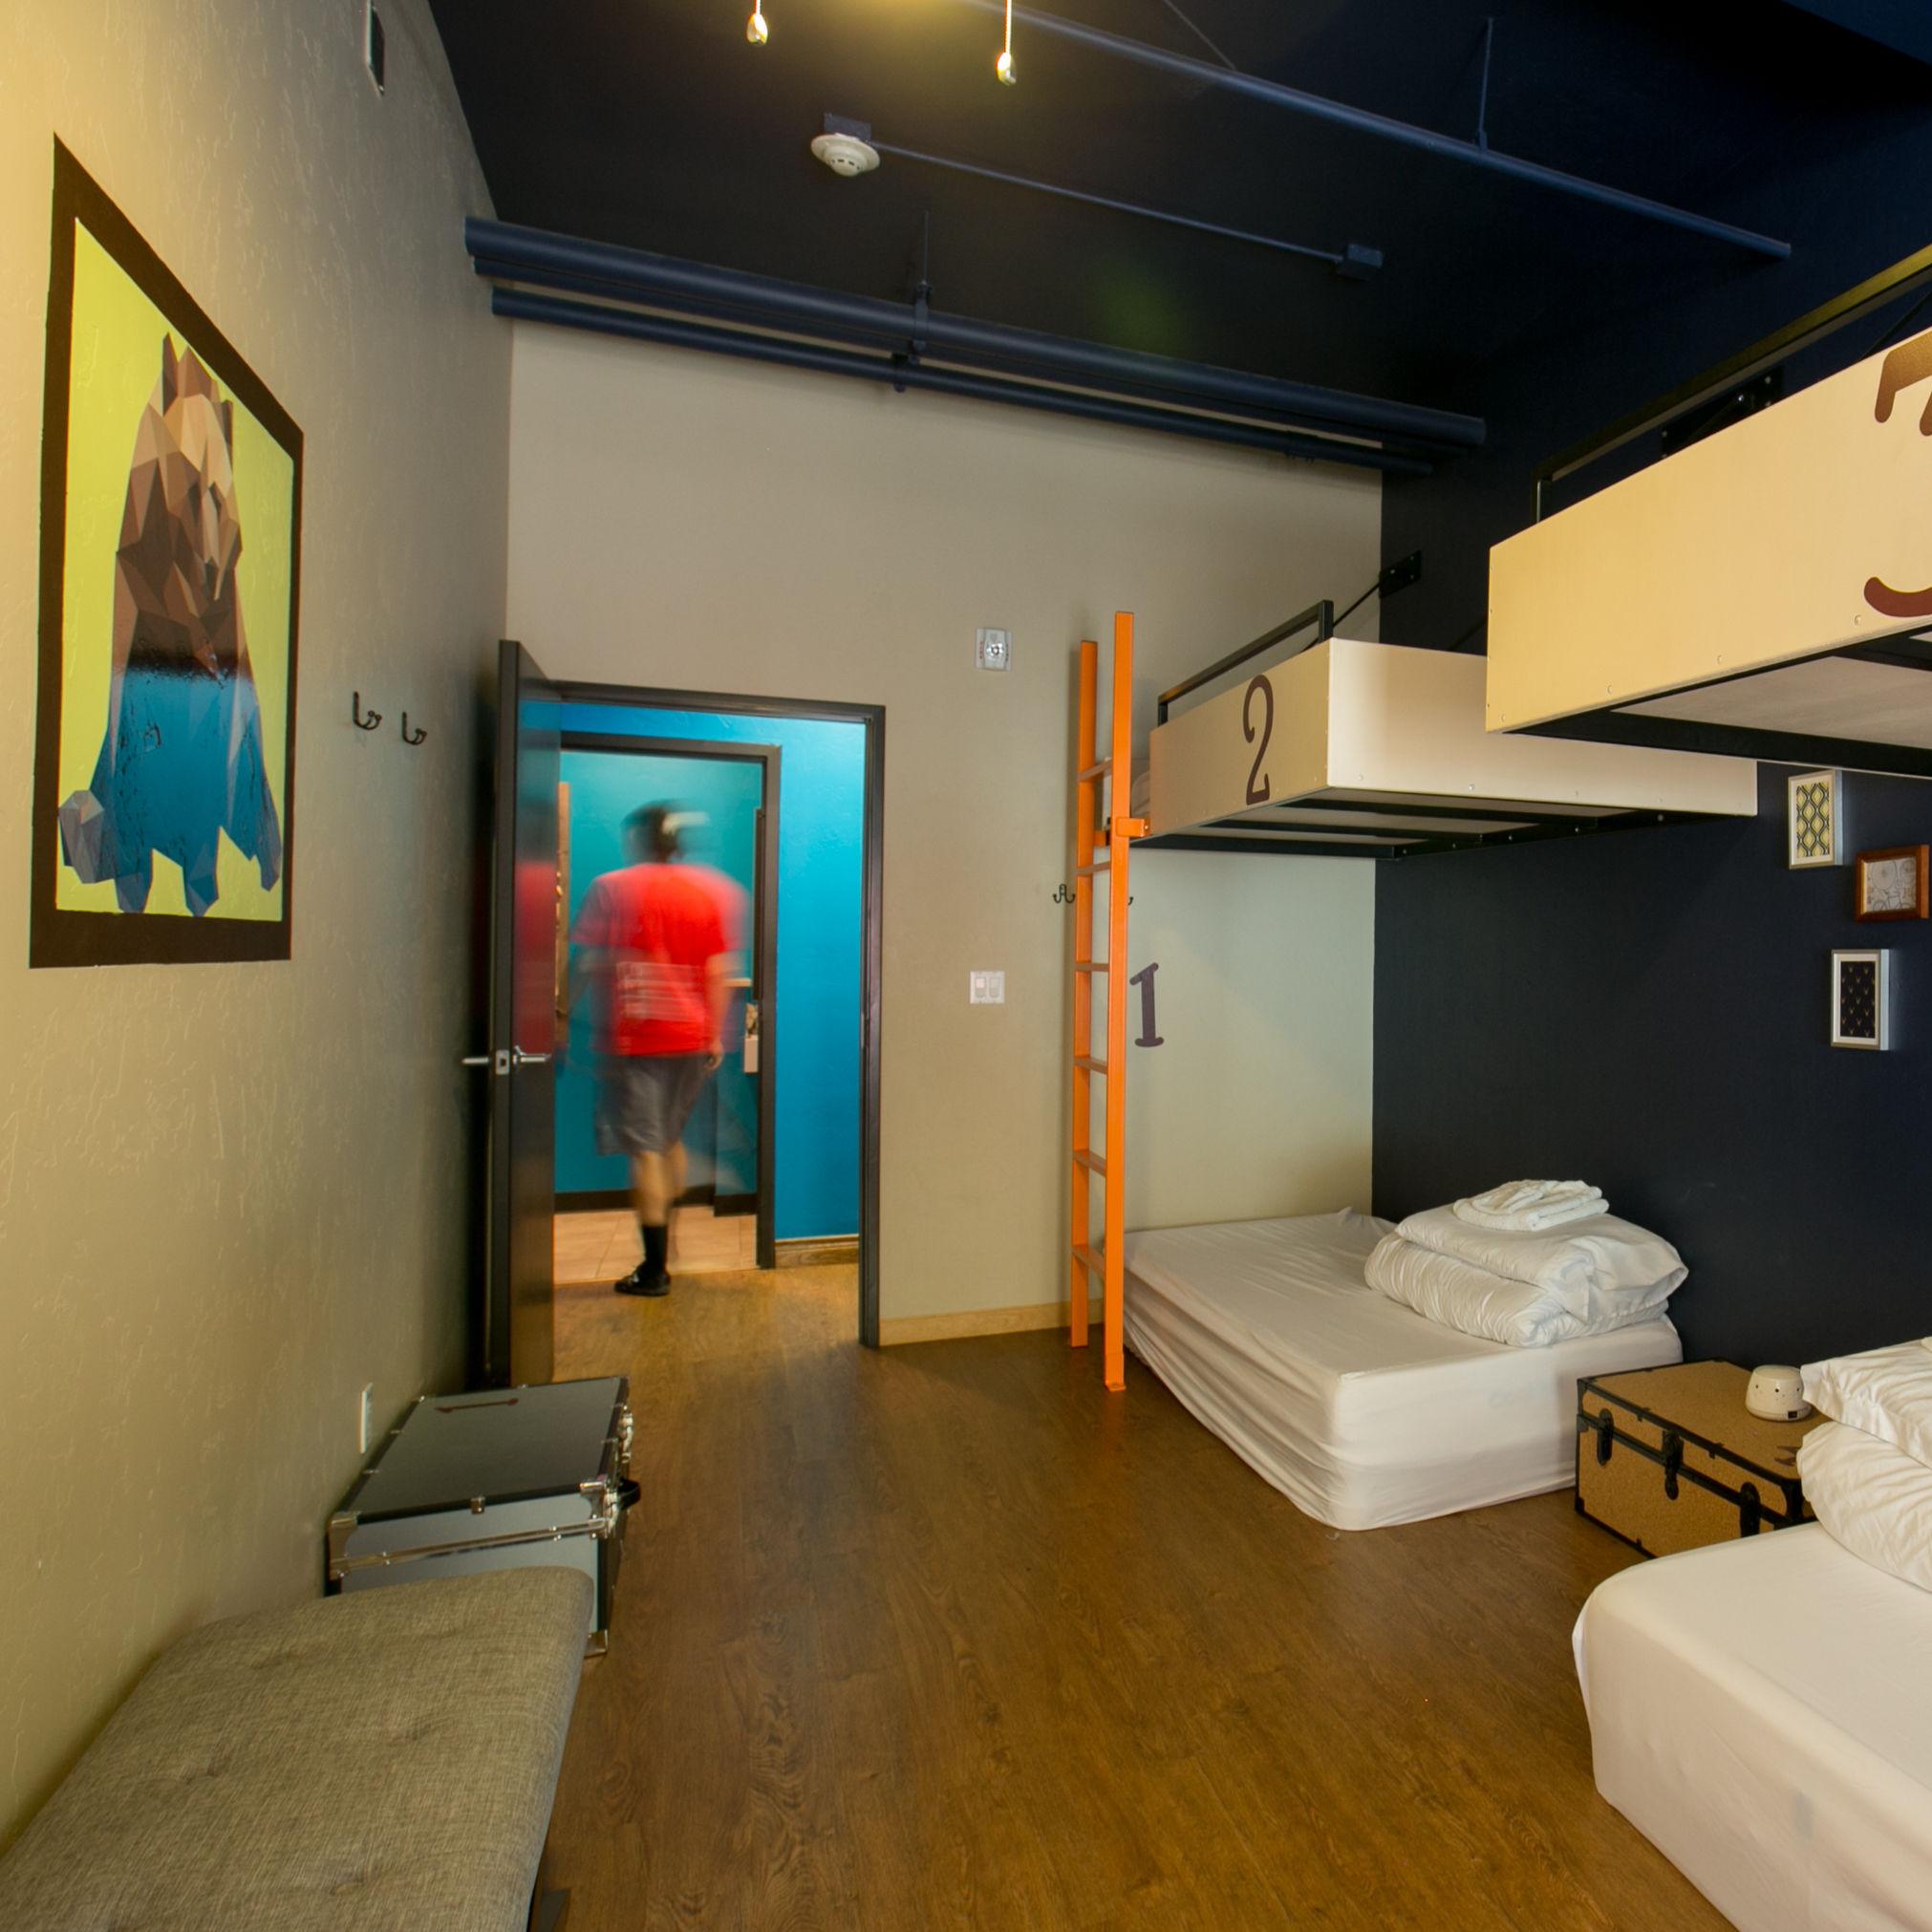 Vbc the bunkhouse 11 o908yg